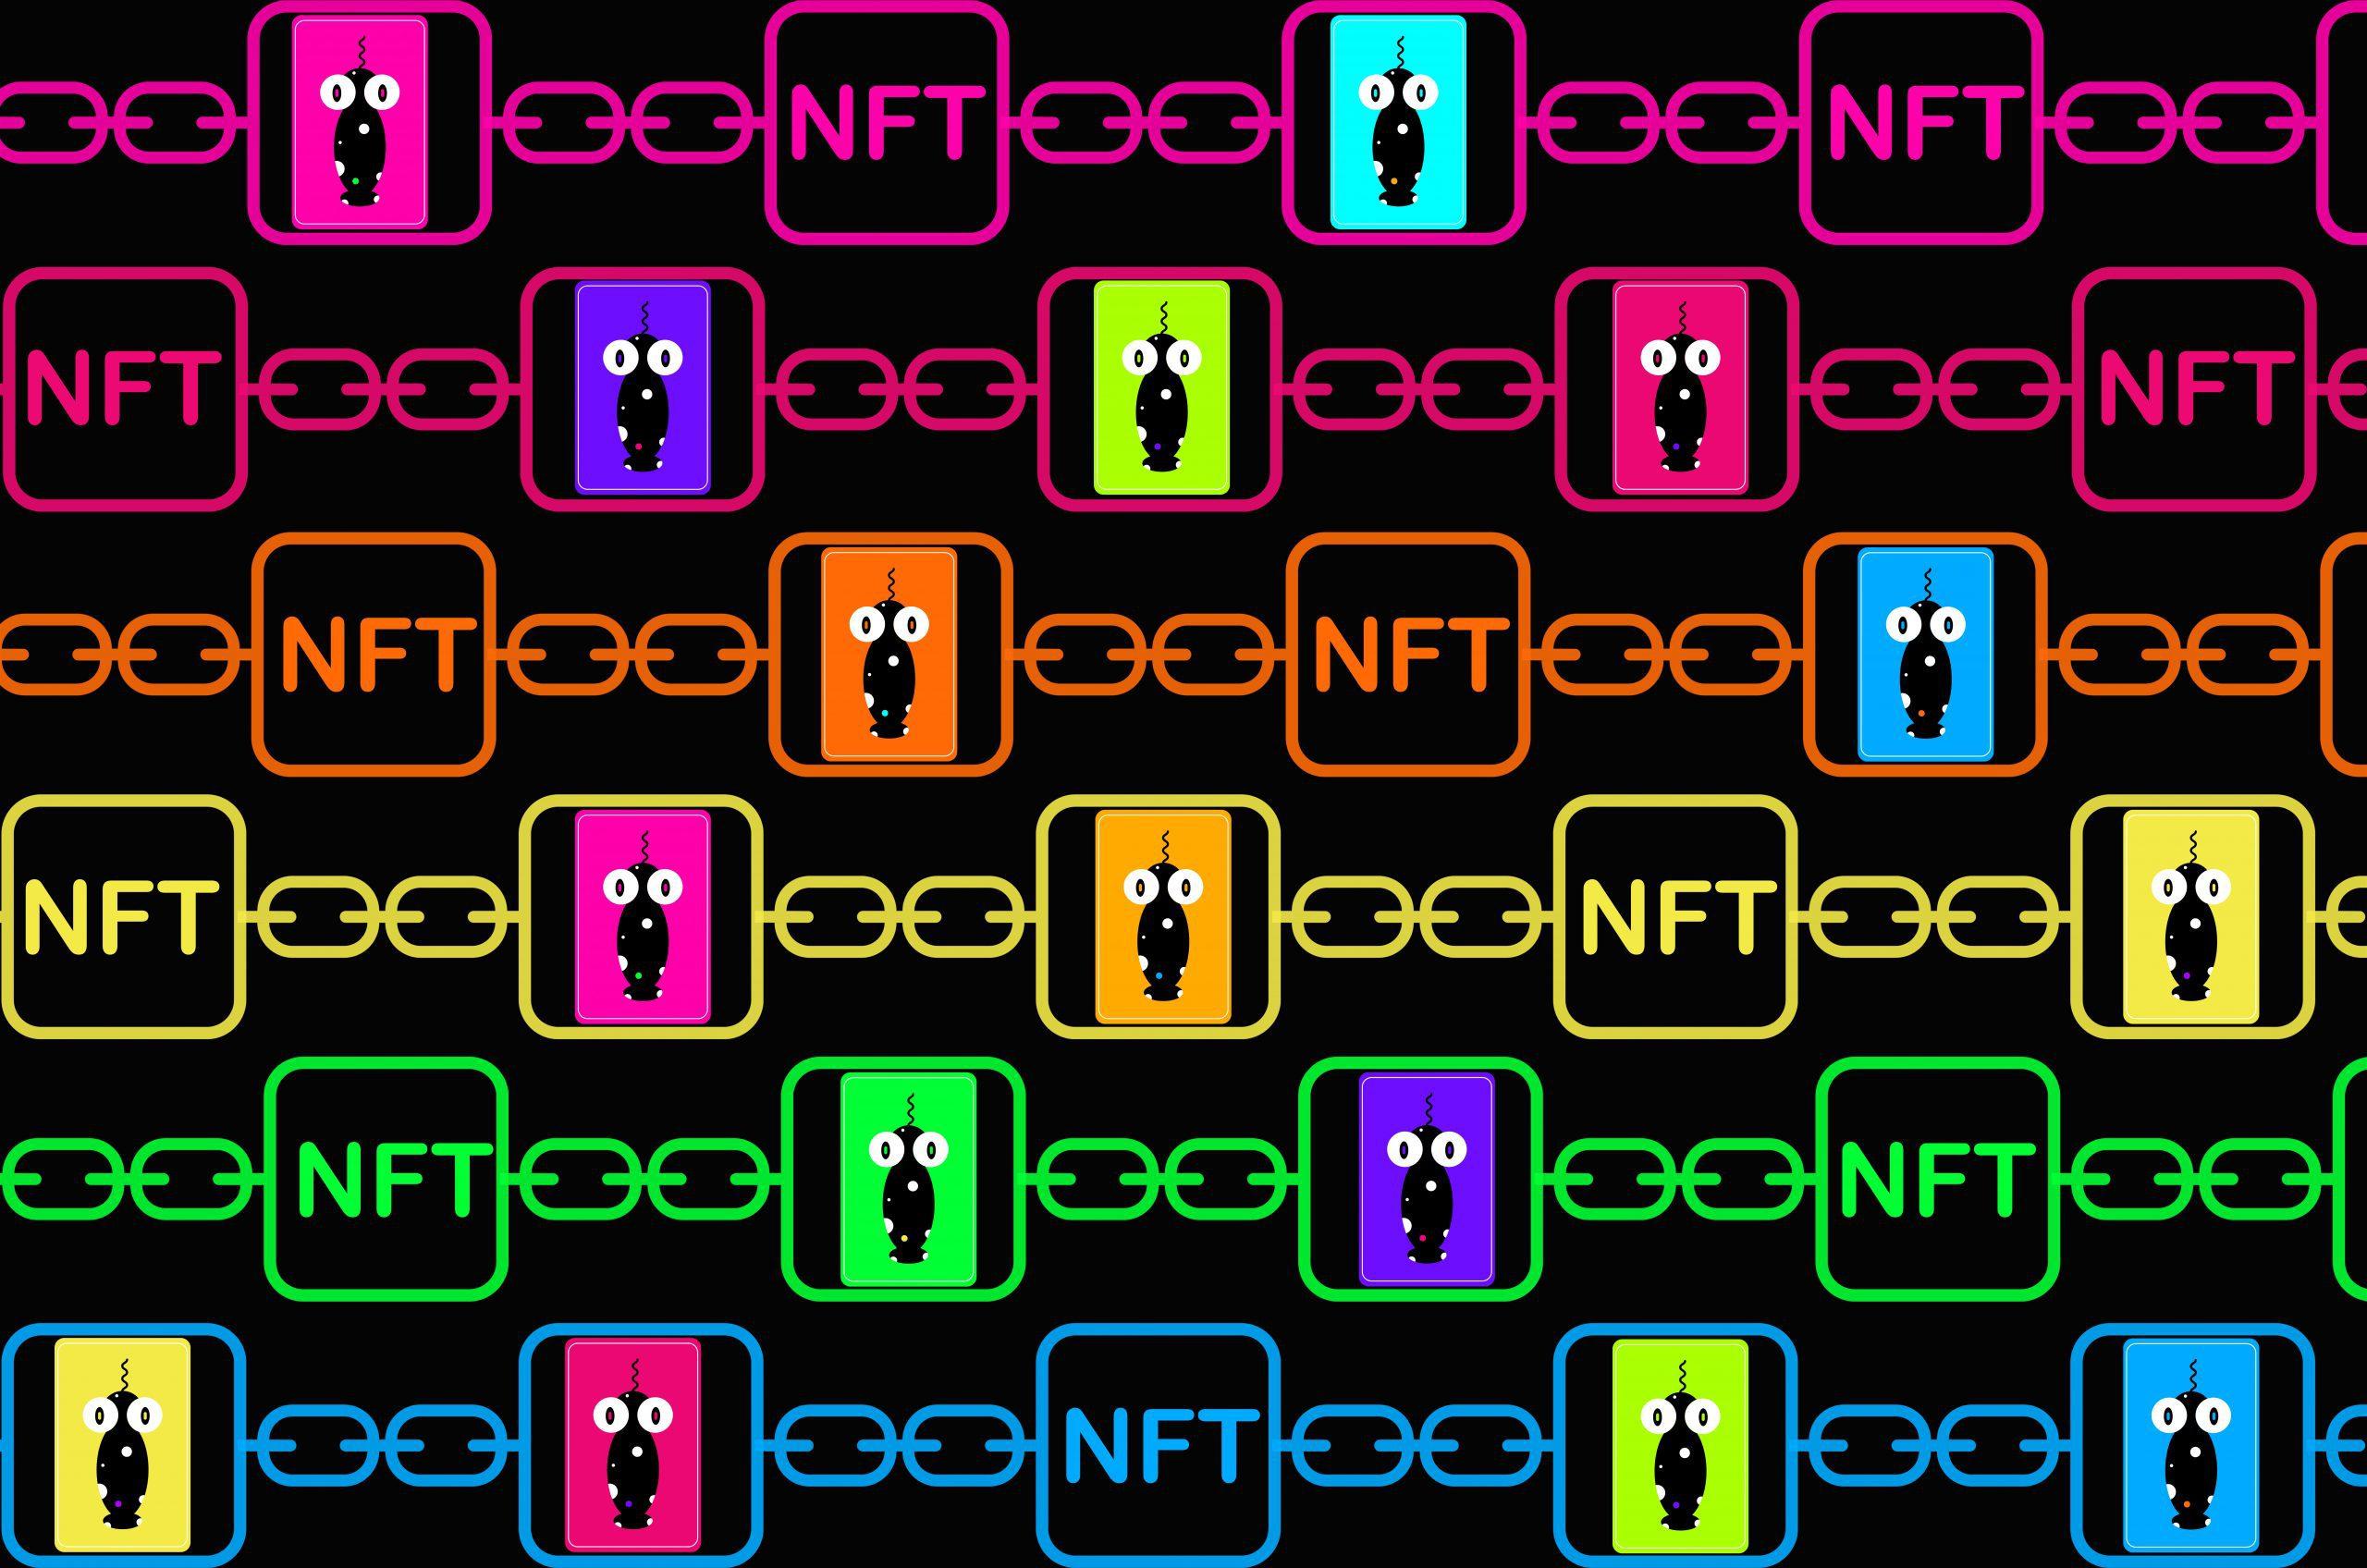 Die 5 größten Plattformen für Non-fungible Token (NFT)-Sammlerstücke - BTC-ECHO | Bitcoin & Blockchain Pioneers